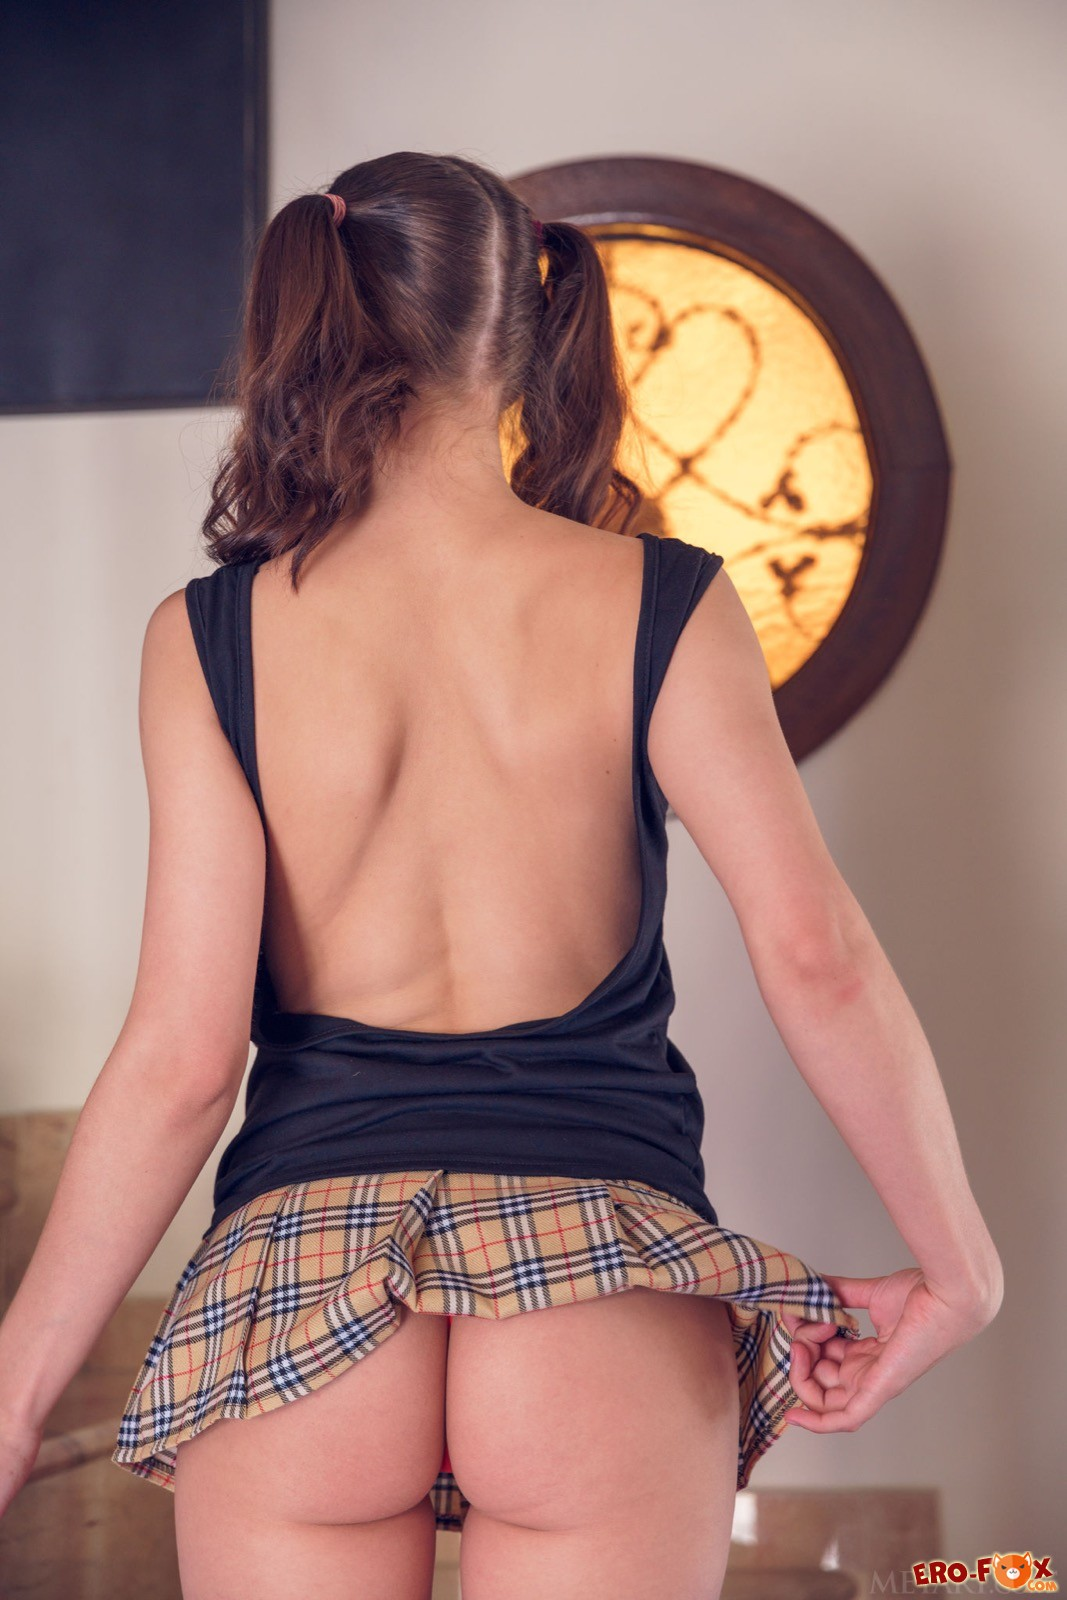 Худышка в короткой юбке сняла трусики и встала раком